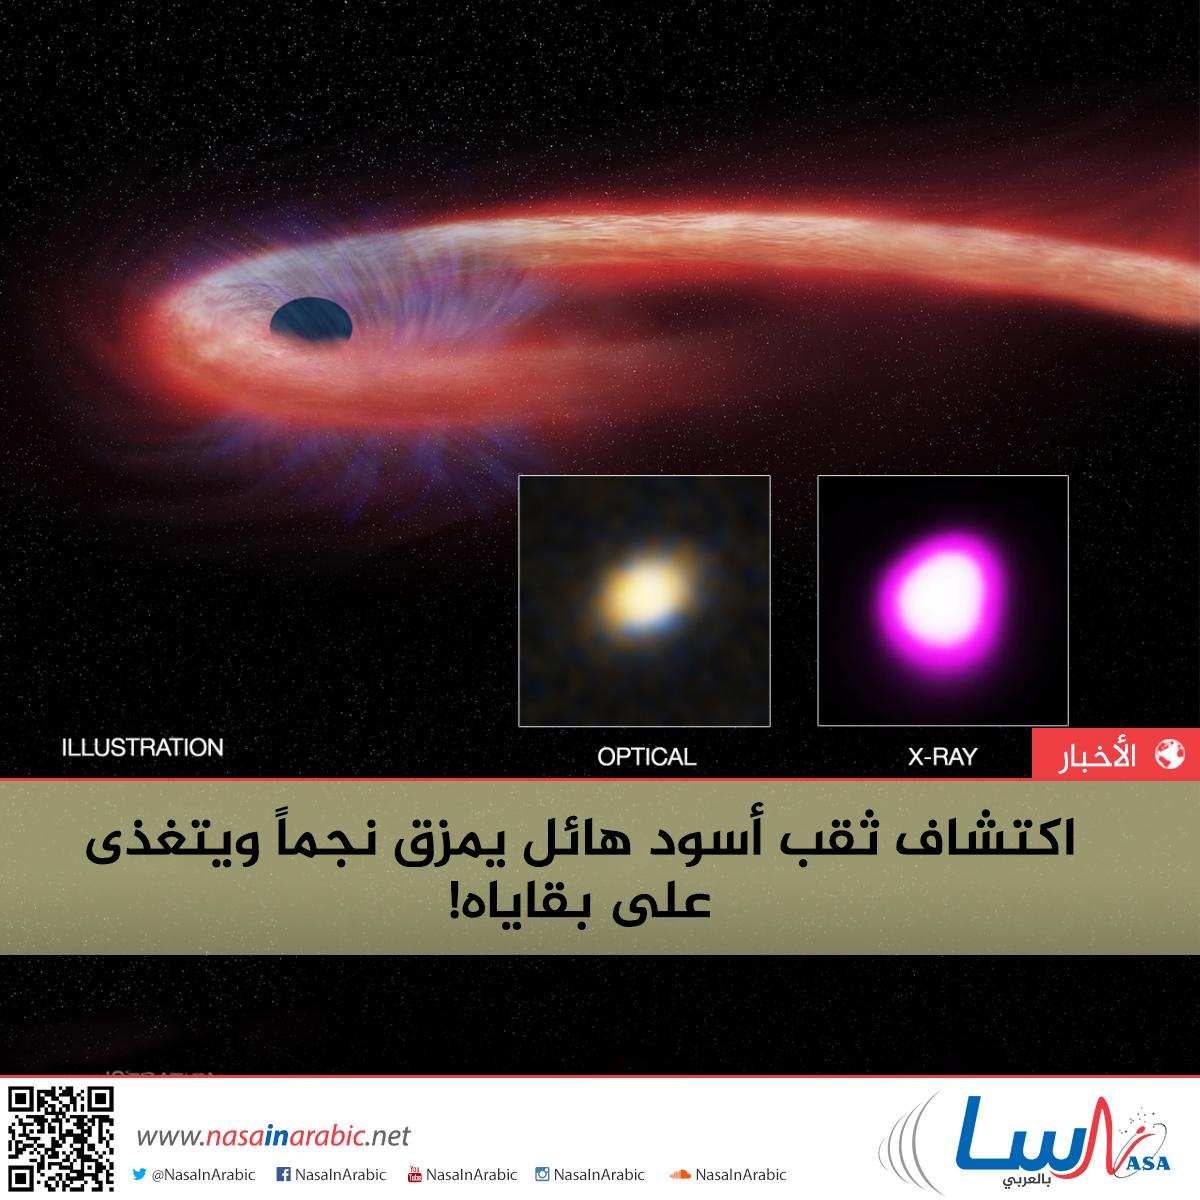 اكتشاف ثقب أسود هائل يمزق نجماً ويتغذى على بقاياه!